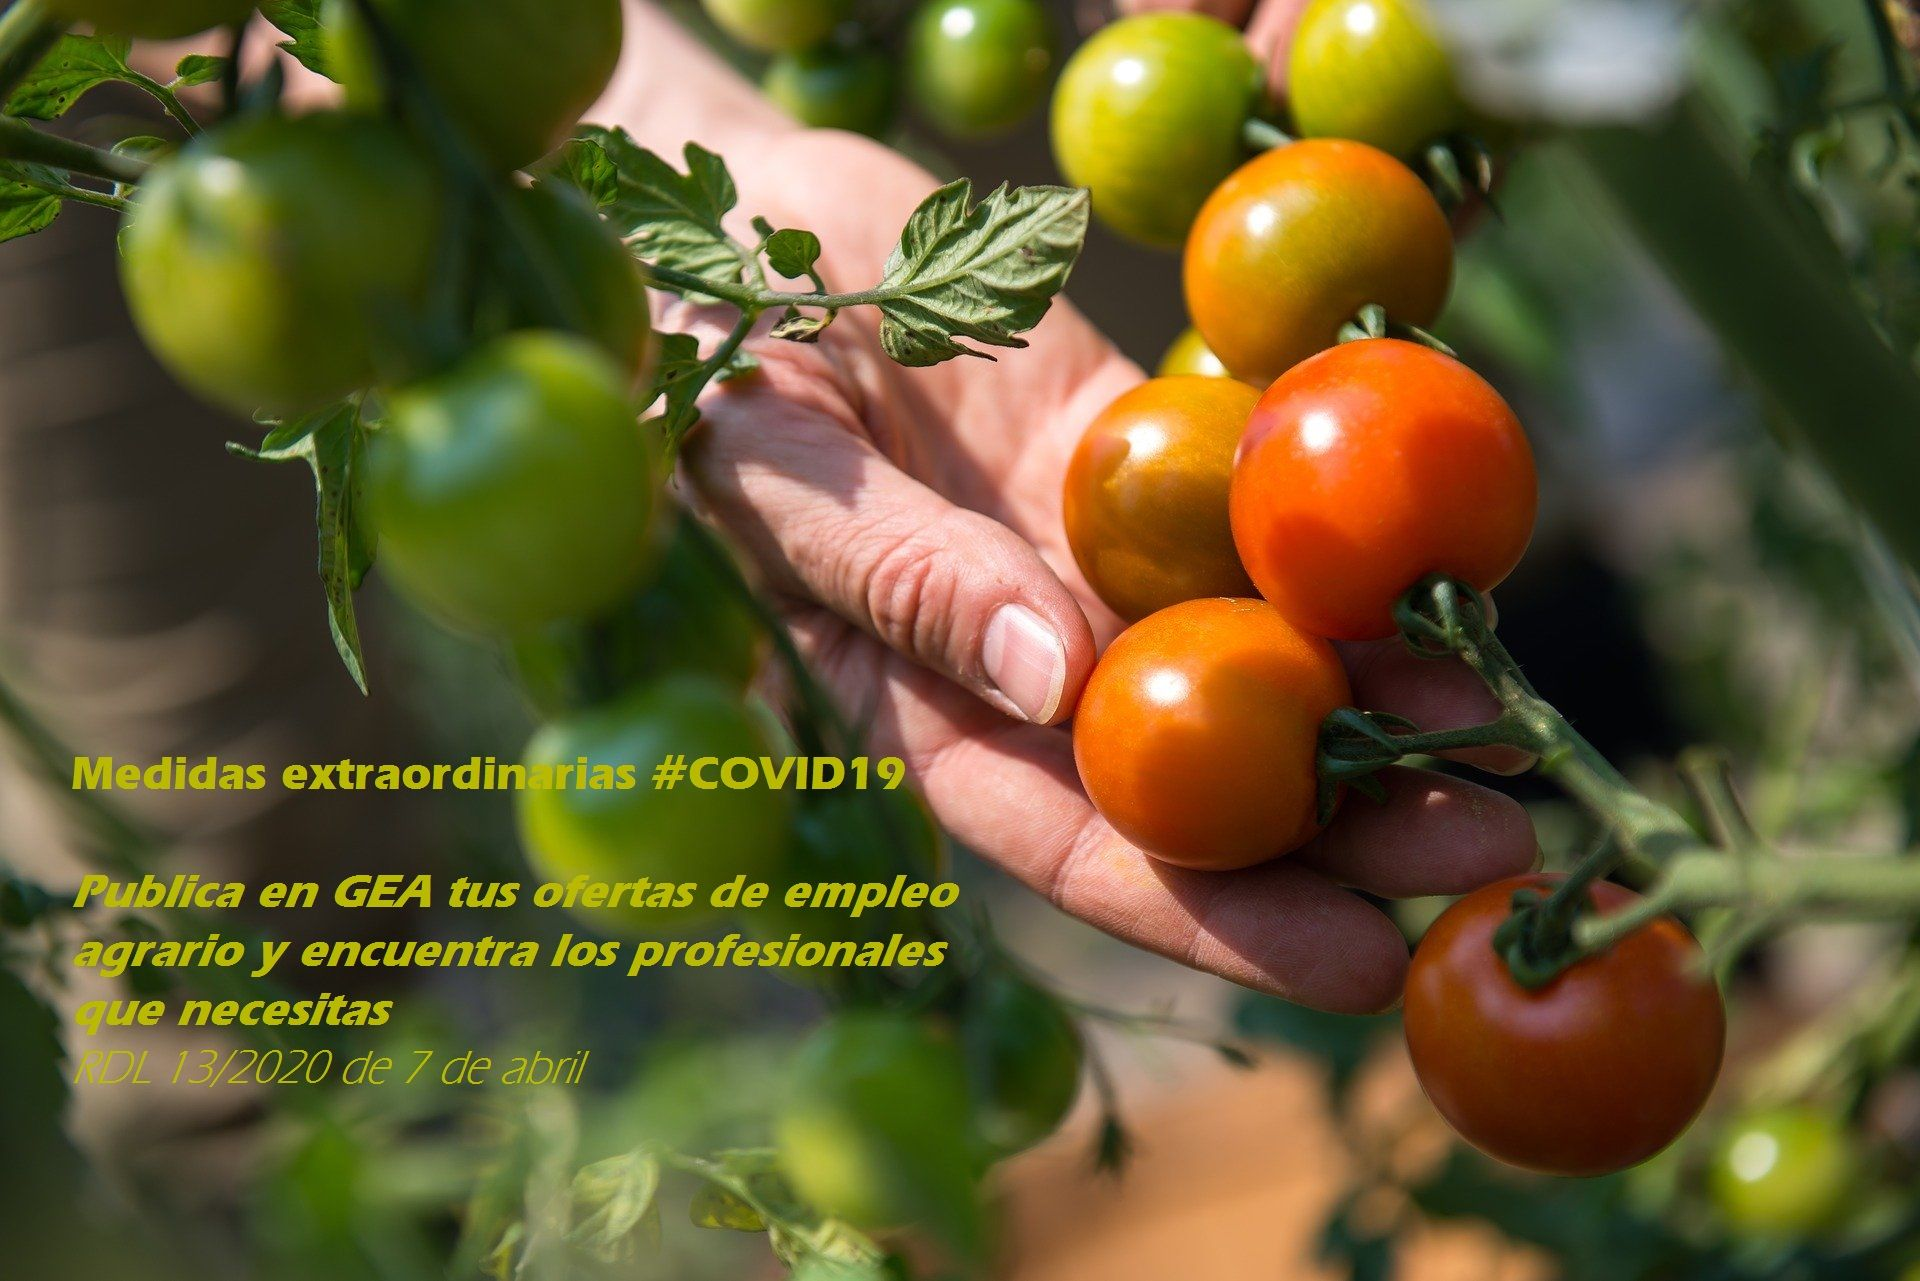 EL SAE amplía su dispositivo para dar cobertura a las demandas de mano de obra del sector agrario